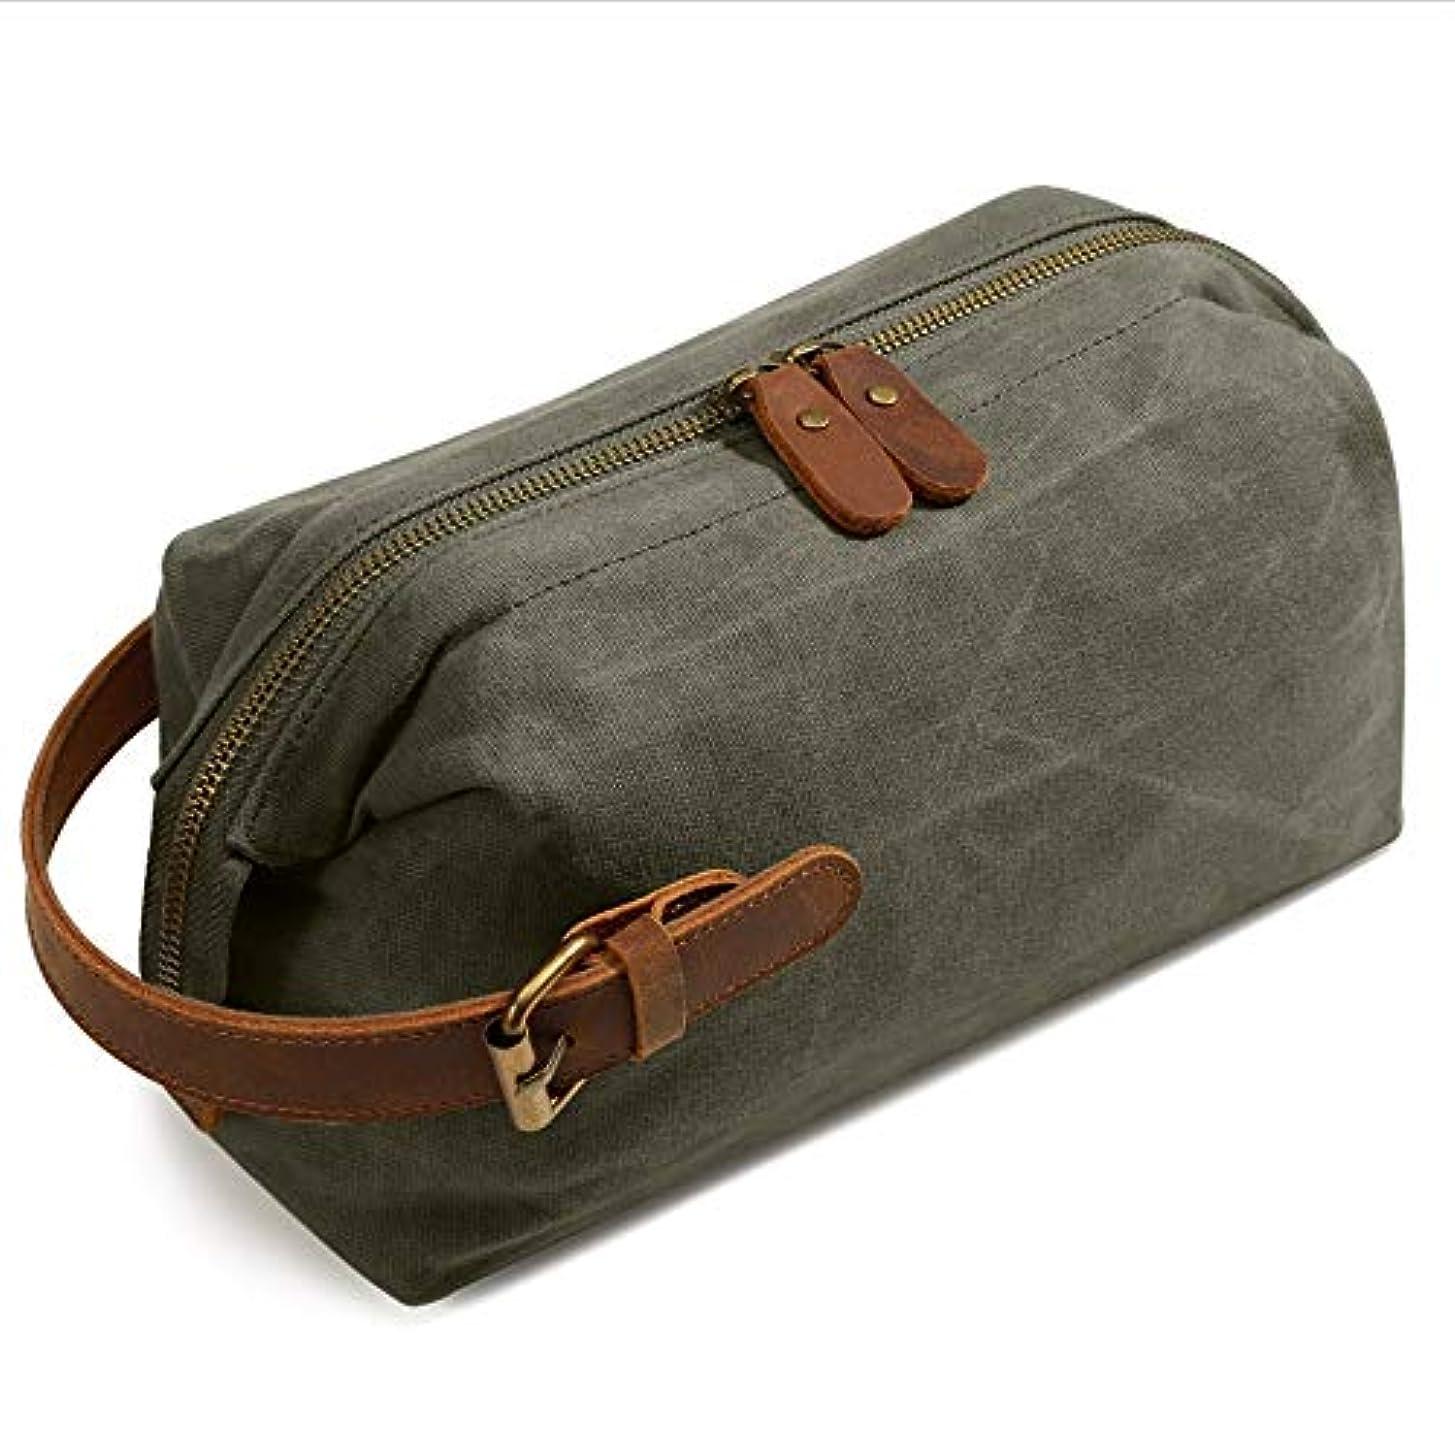 疎外雇う発音化粧オーガナイザーバッグ ポータブル防水化粧品袋トップジッパーメークアップケーストラベルグリーン 化粧品ケース (色 : 緑)